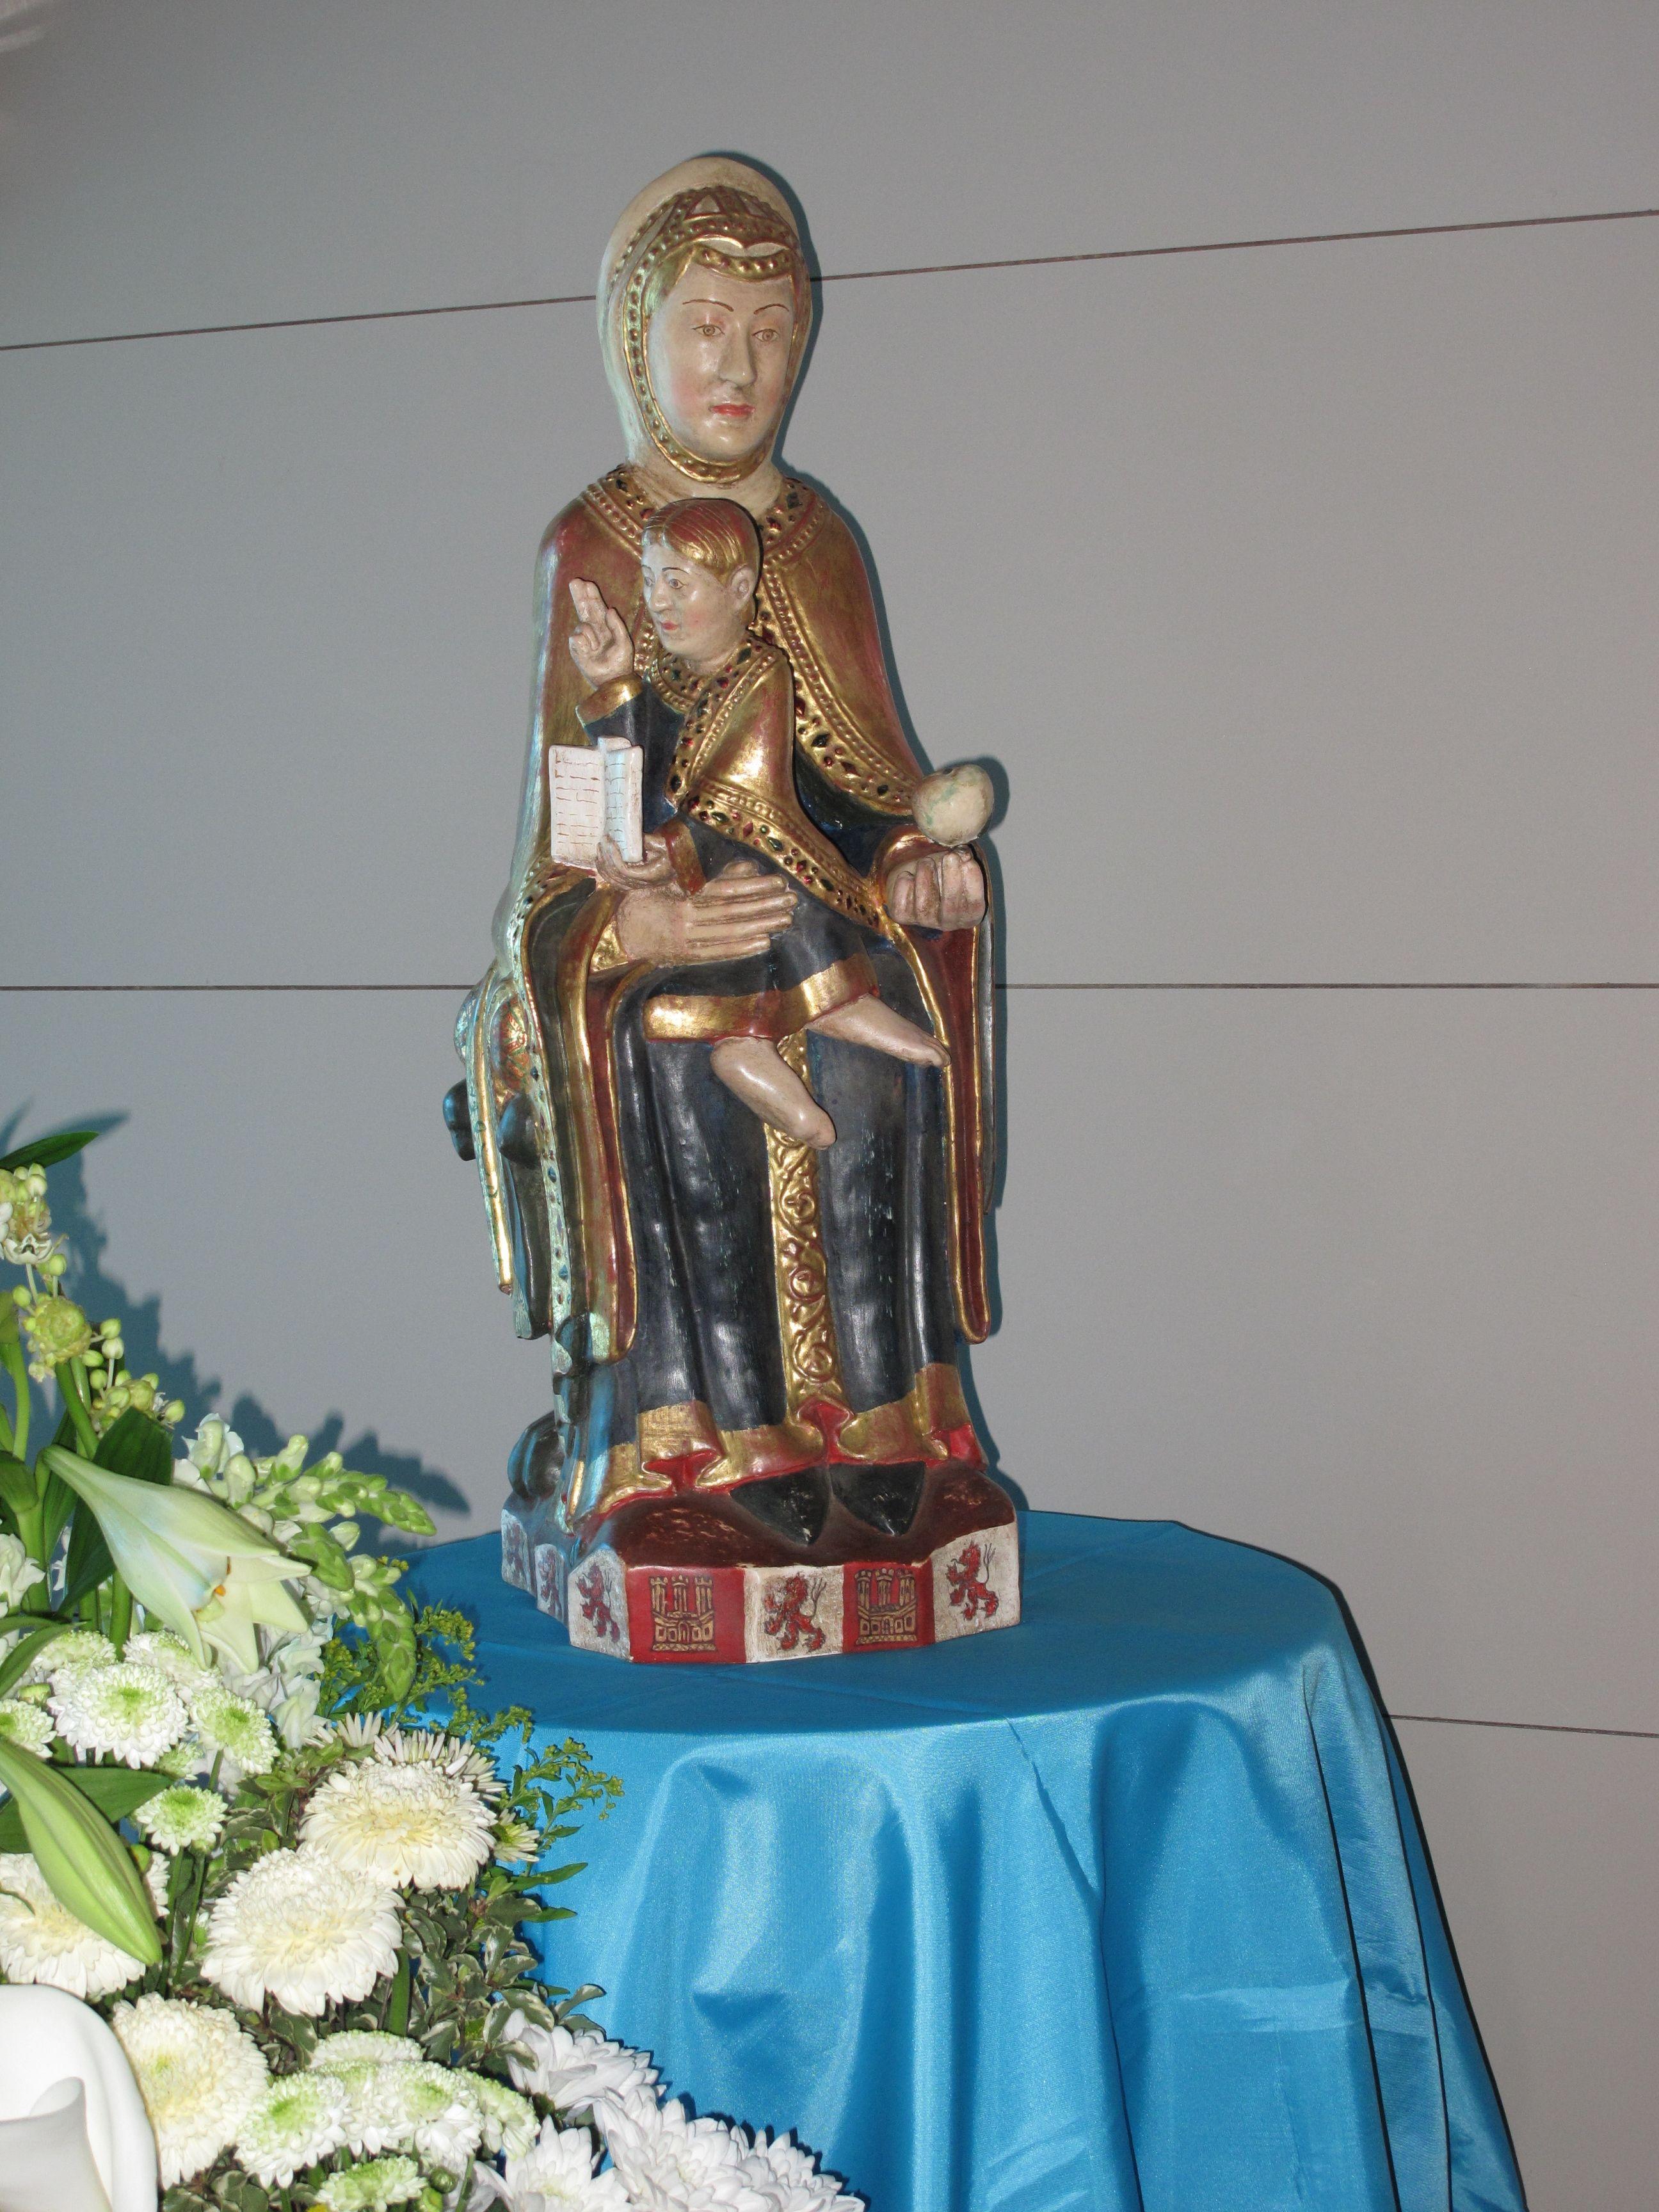 Virgen de Valvanera que preside la capilla de #Villafal